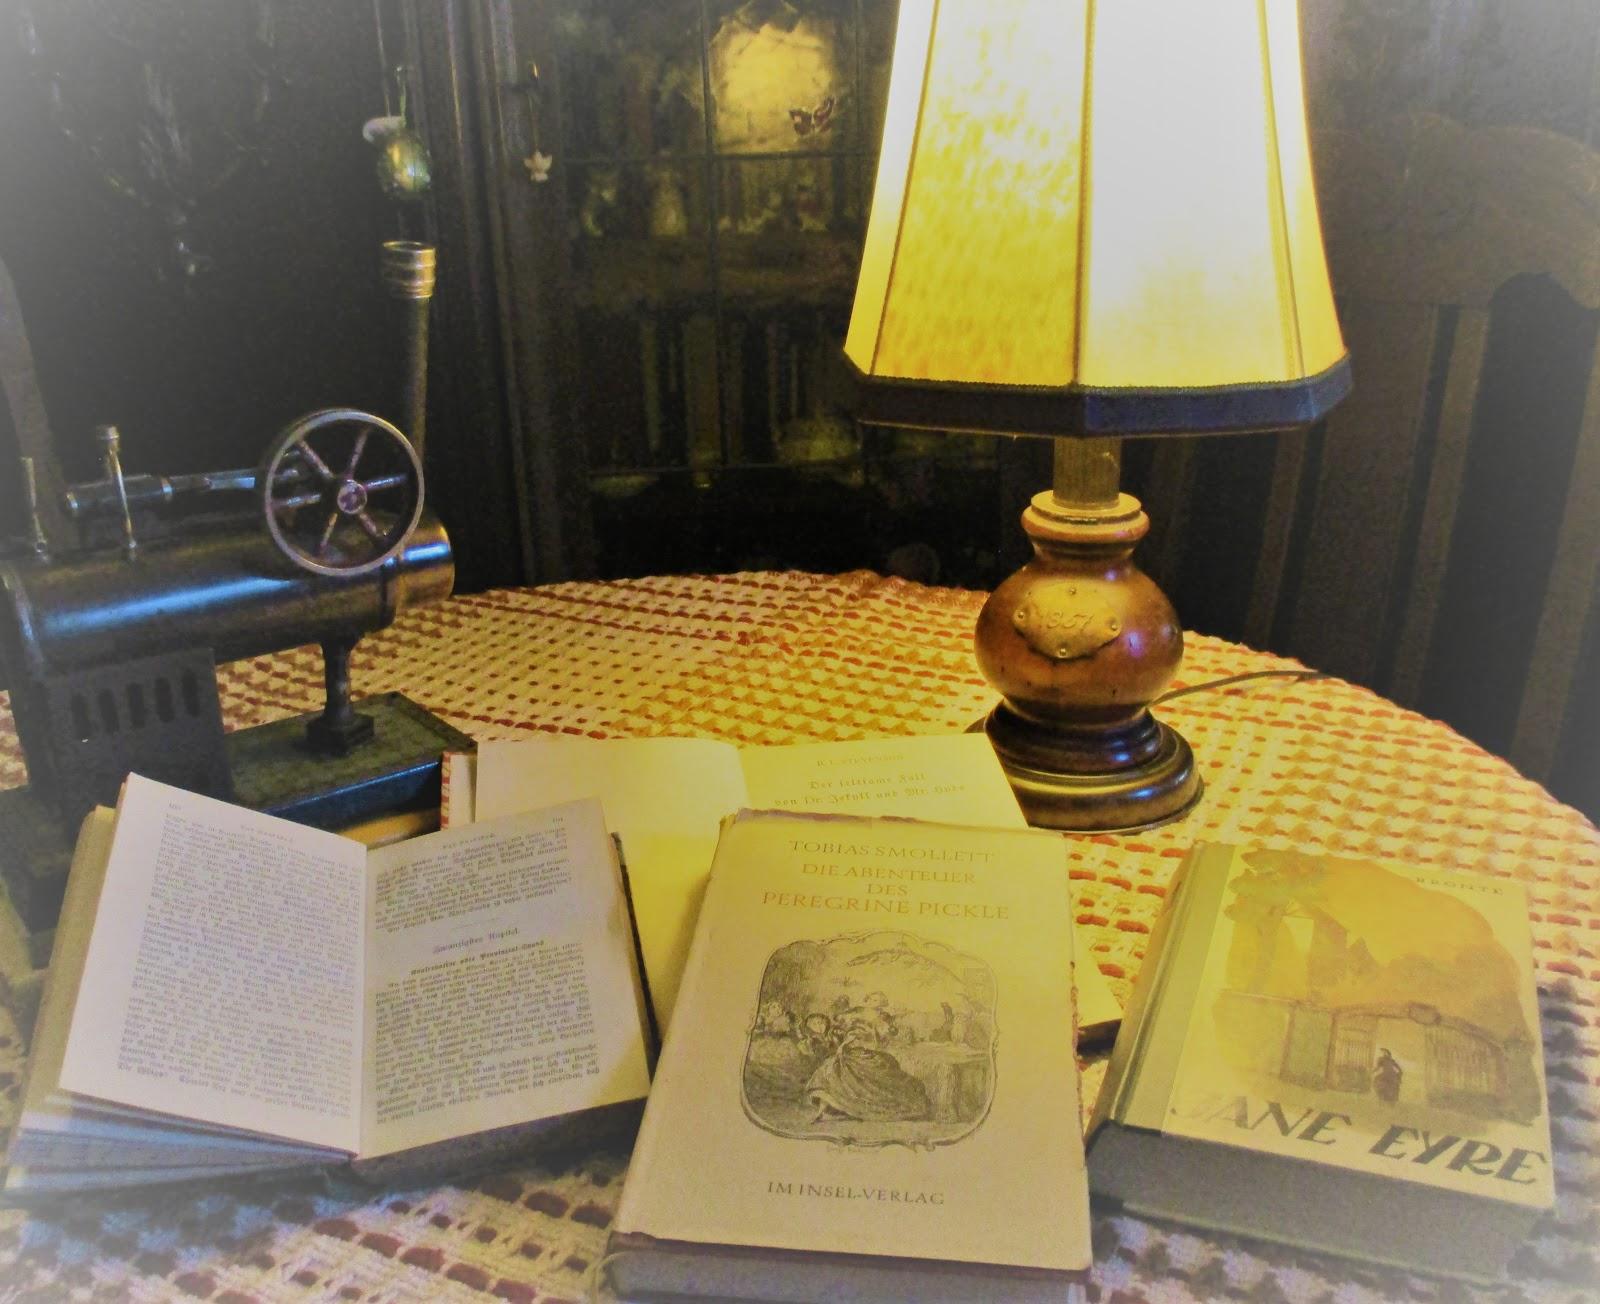 Viktorianische Literatur ist cool